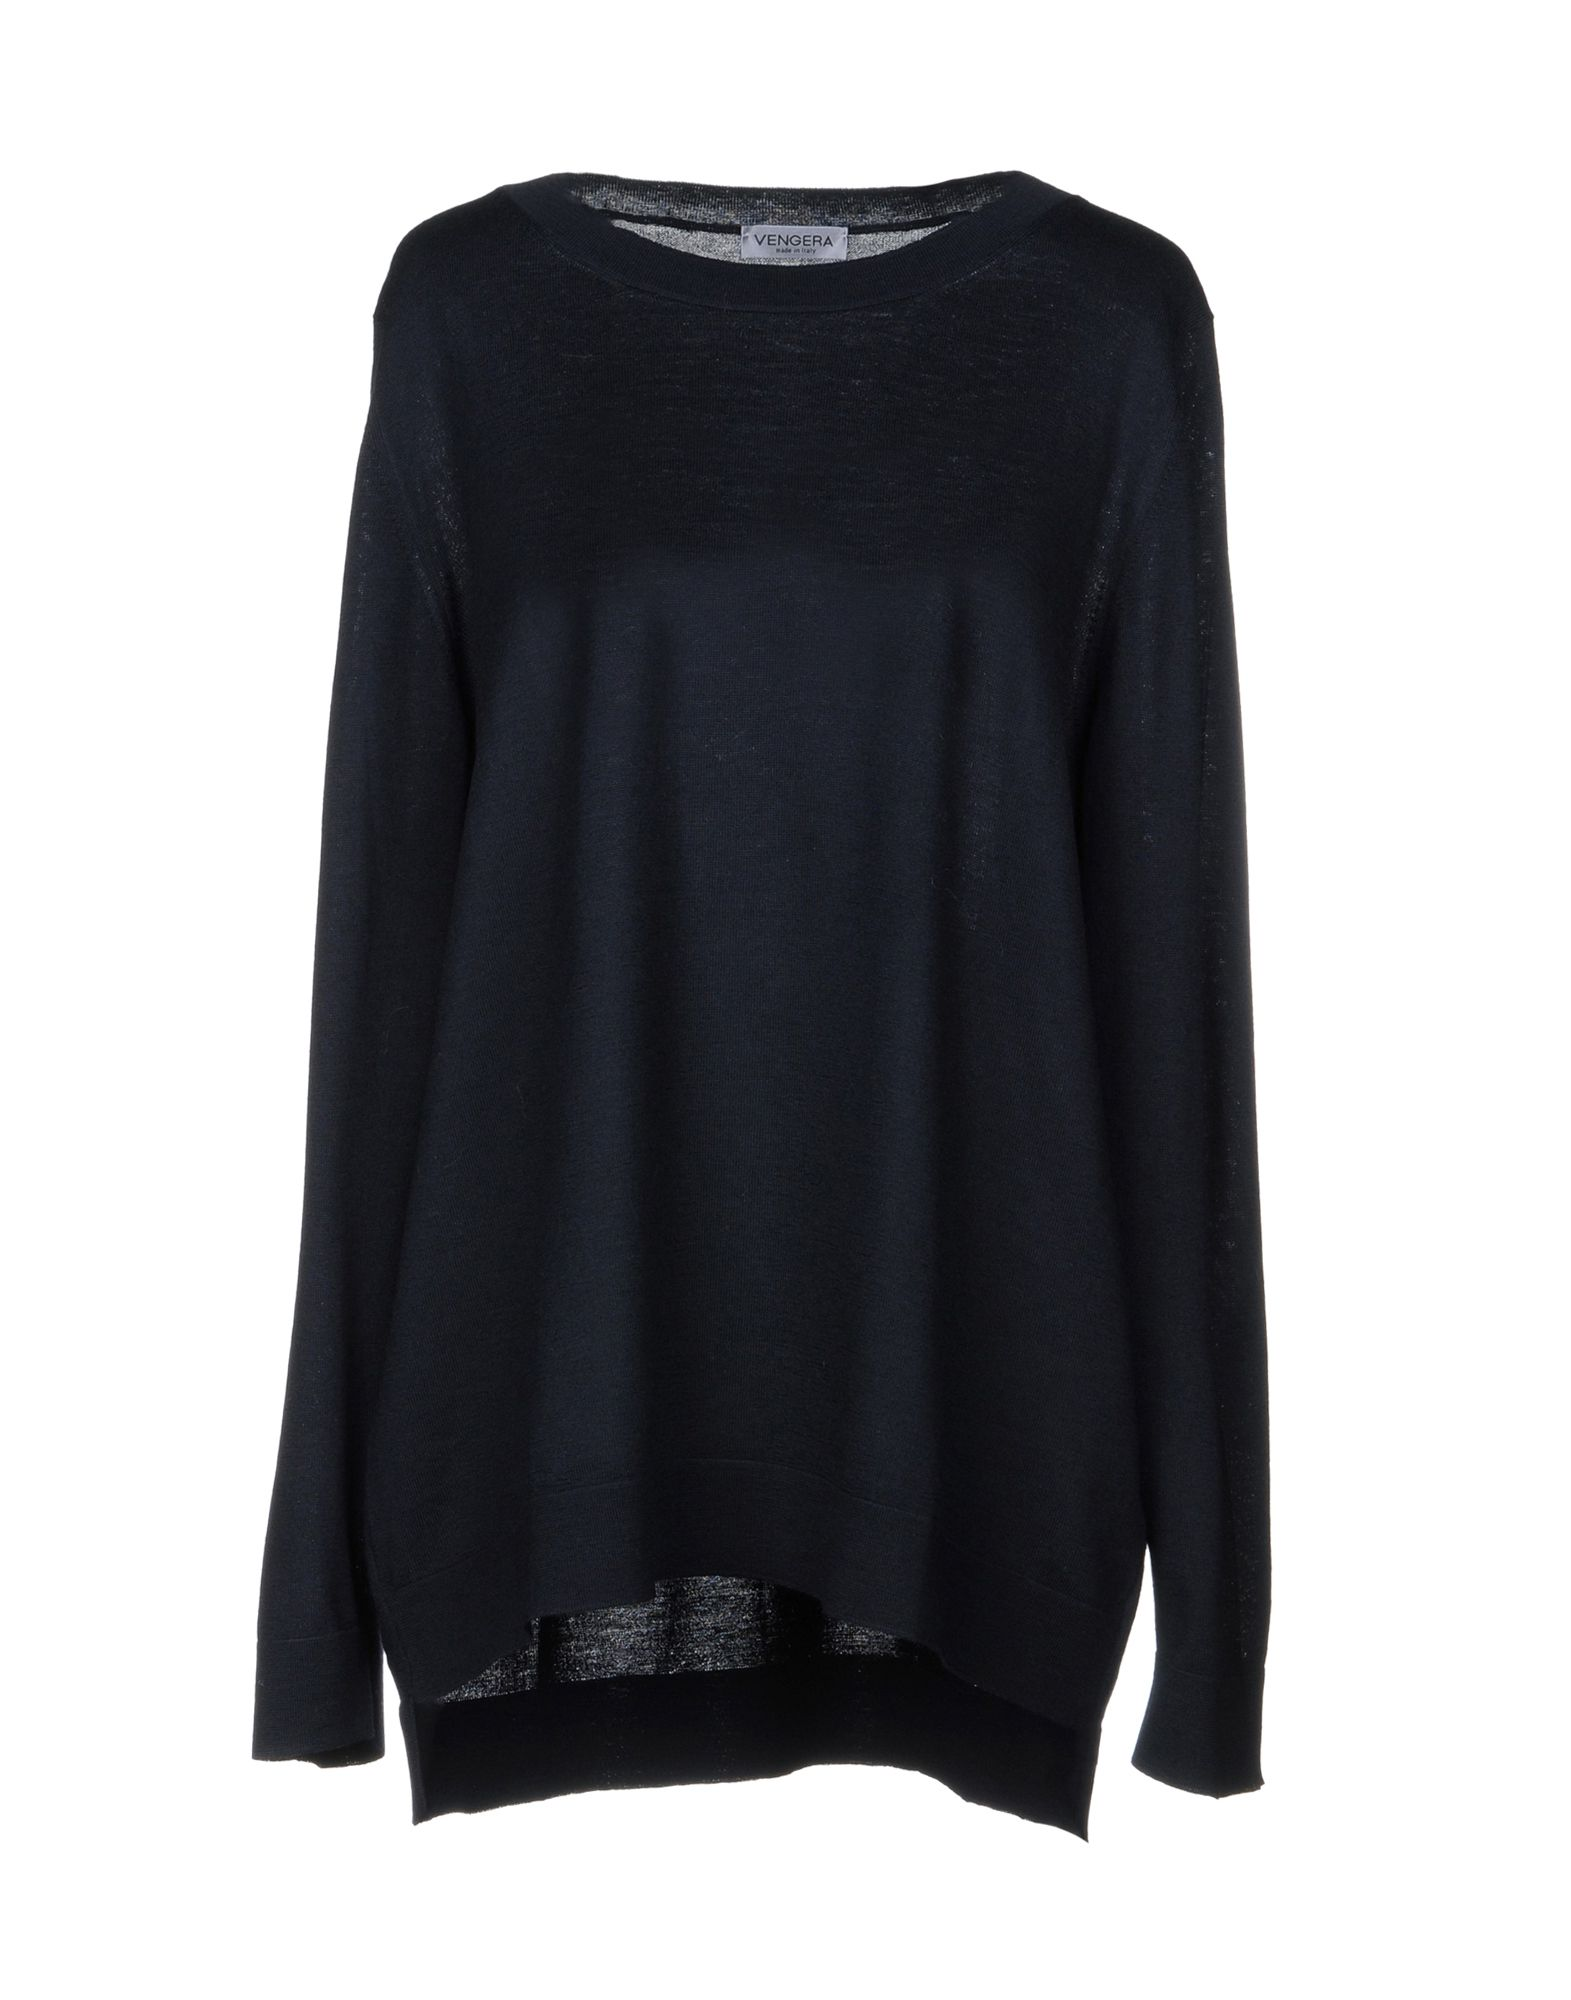 VENGERA Sweater in Dark Blue